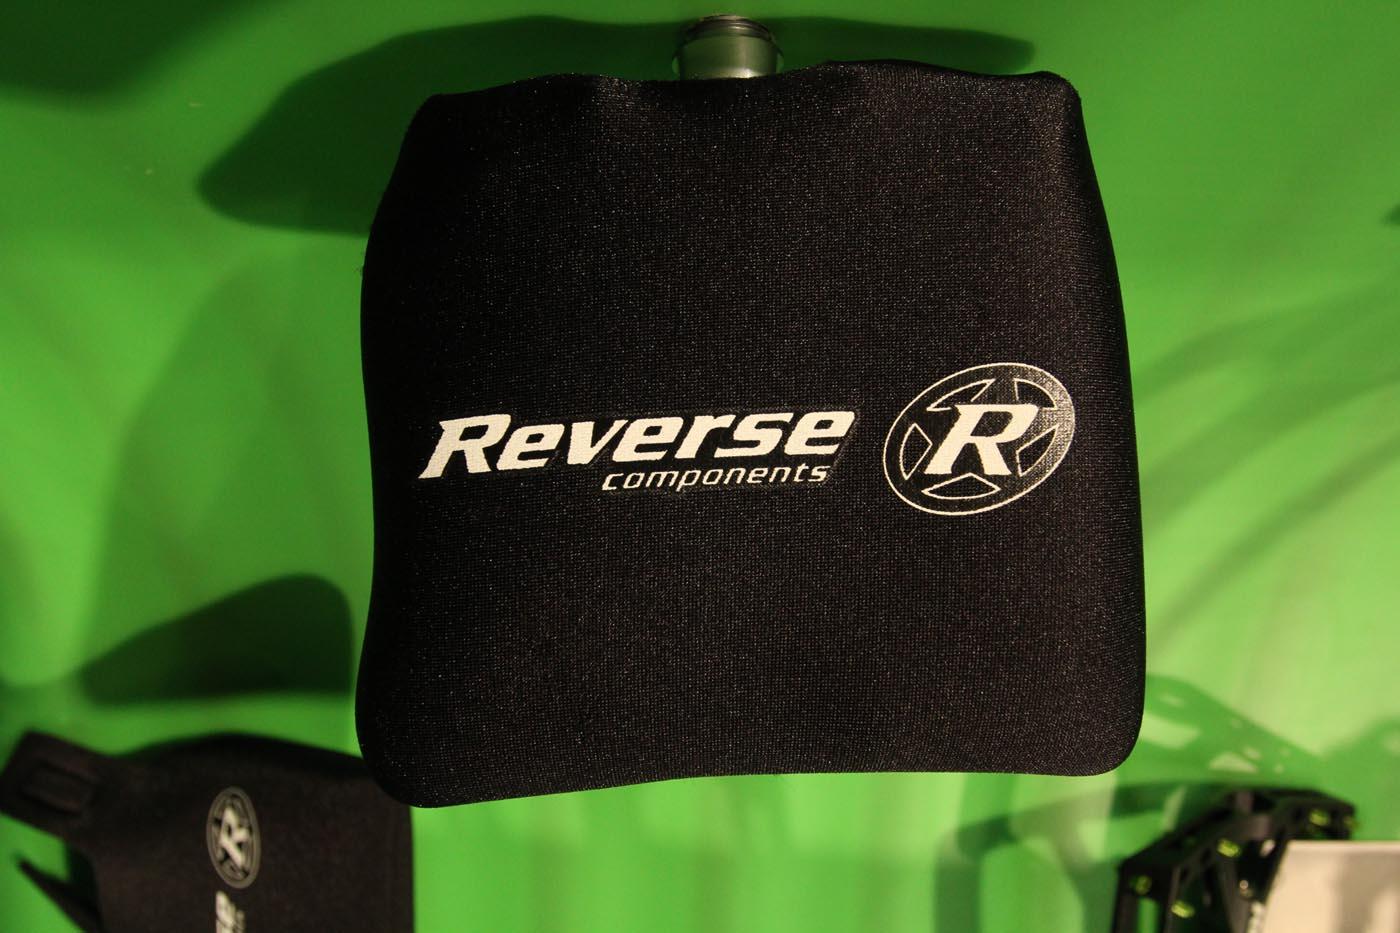 Nettes Gimmick von Reverse: Zum kratzerfreien Transport vom Radl gibt es nun Pedaltaschen, die über die Pedalen gestülpt werden. 19,99€.